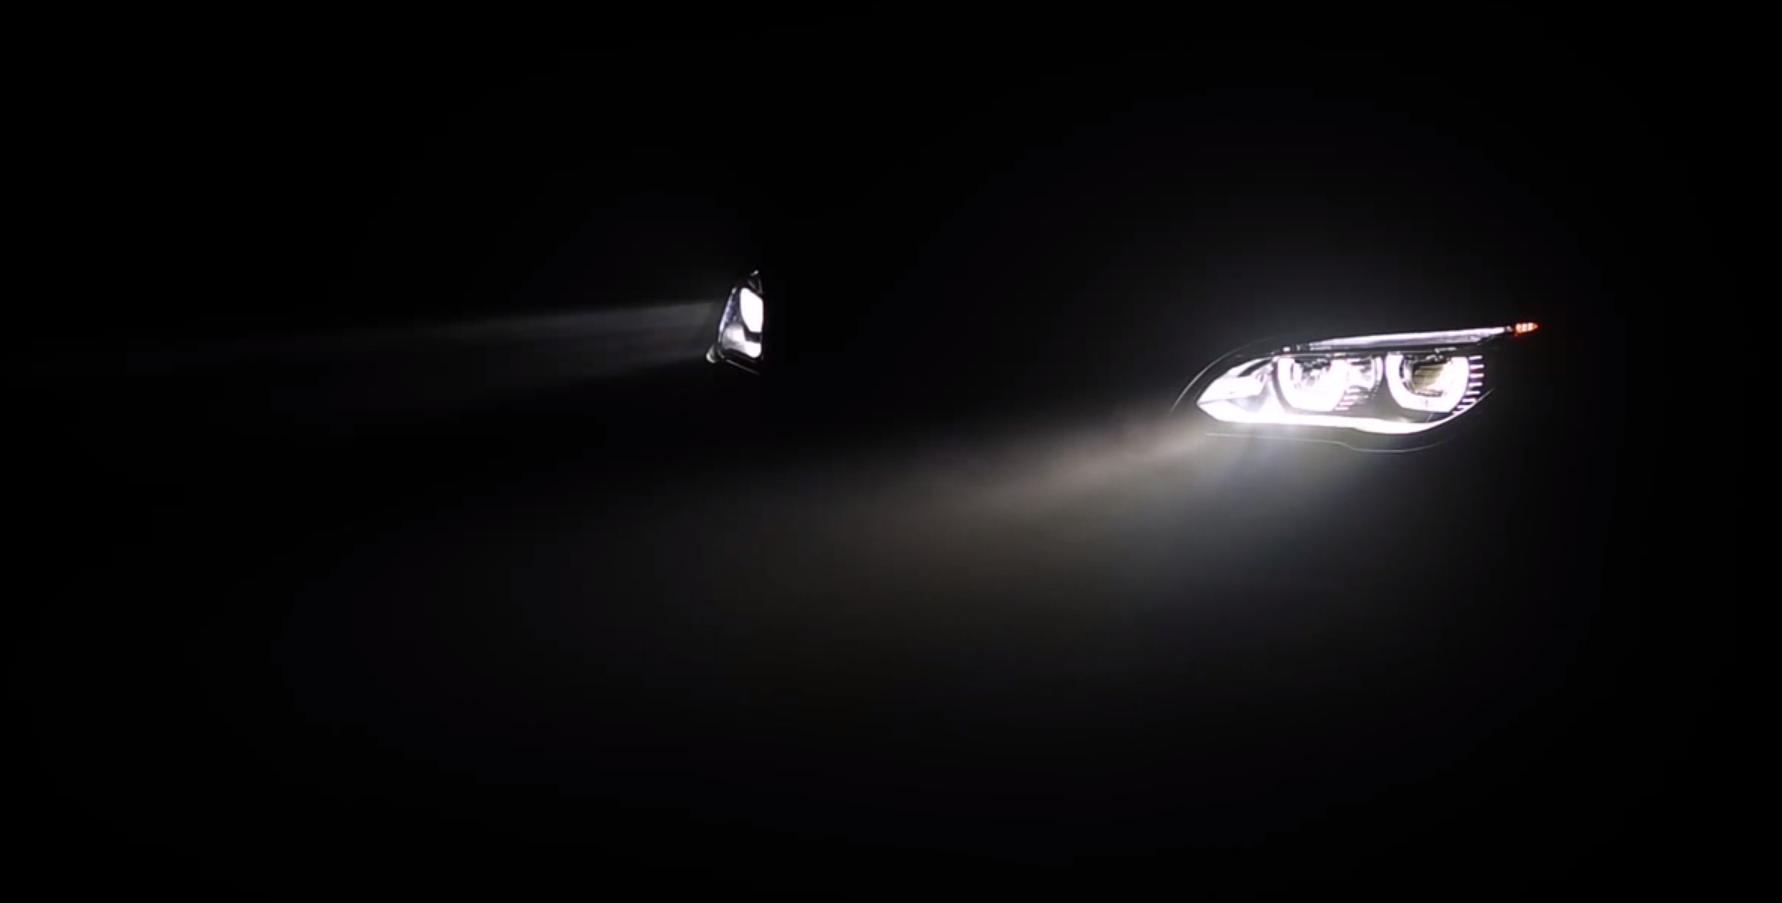 cars headlights at night wallpaper - photo #16